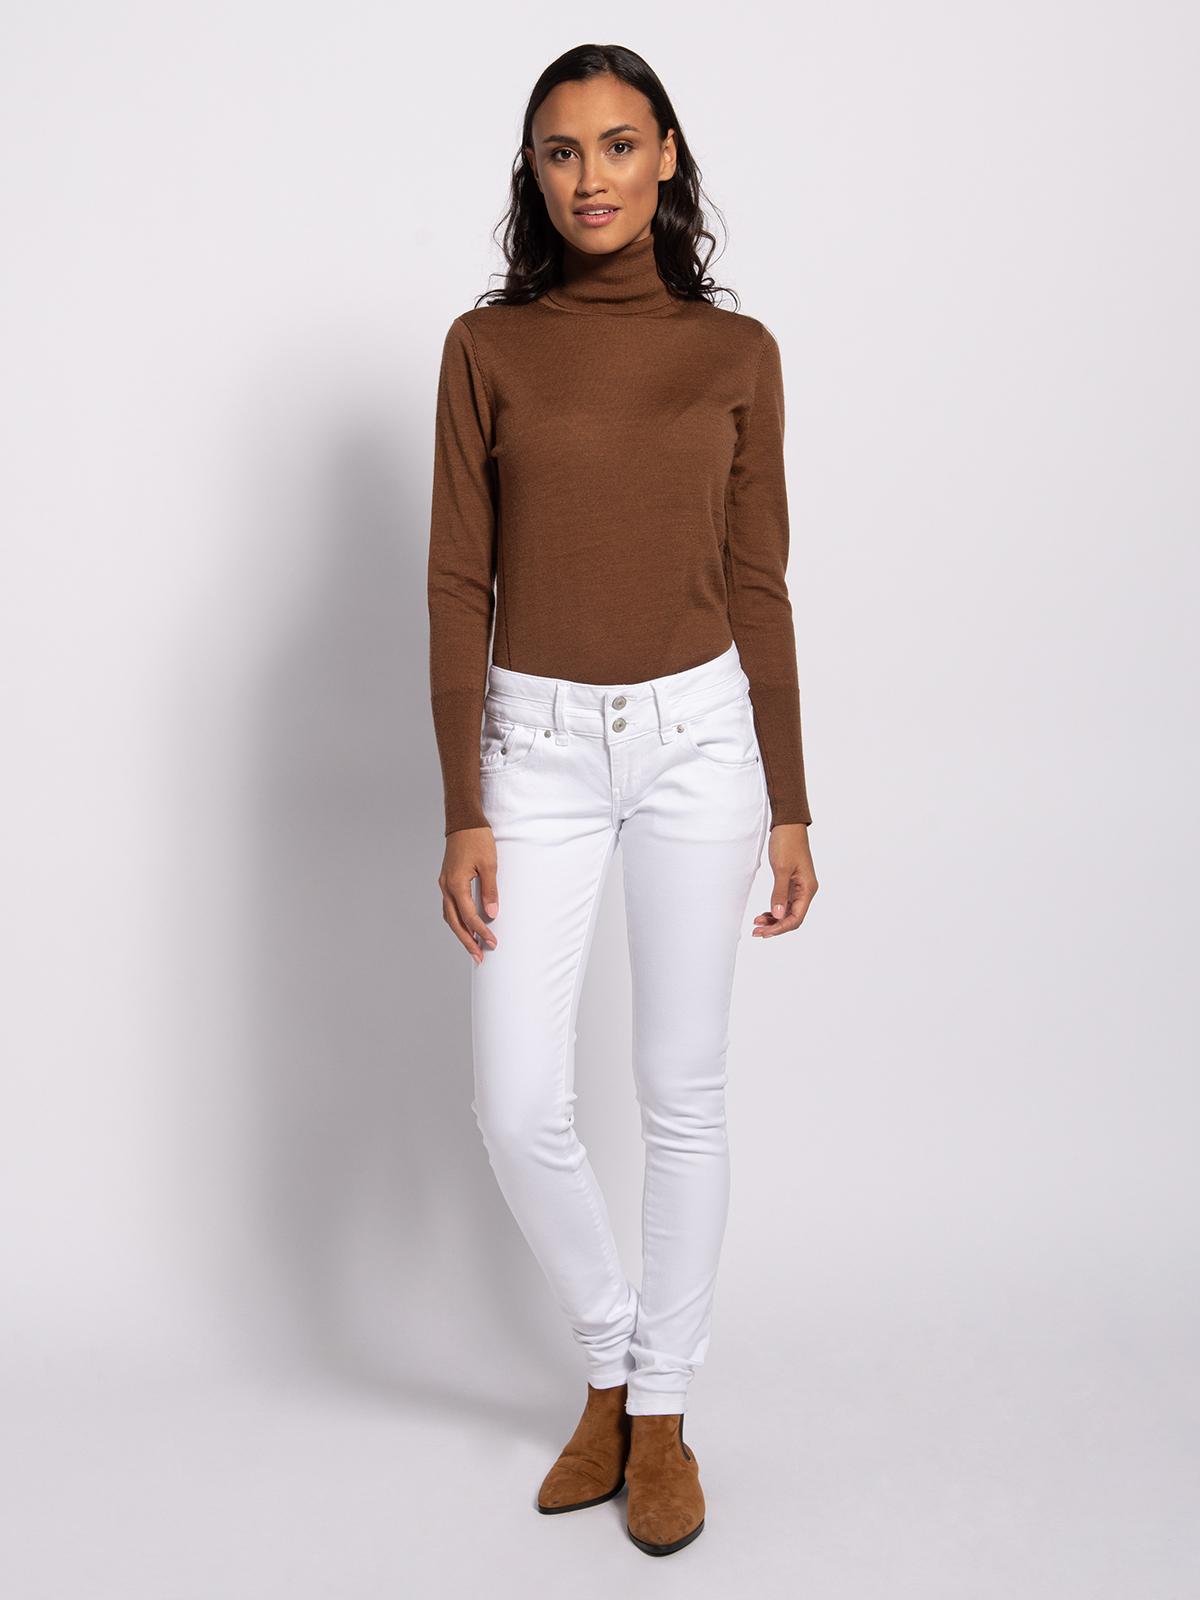 LTB Spijkerbroek in wit voor Dames